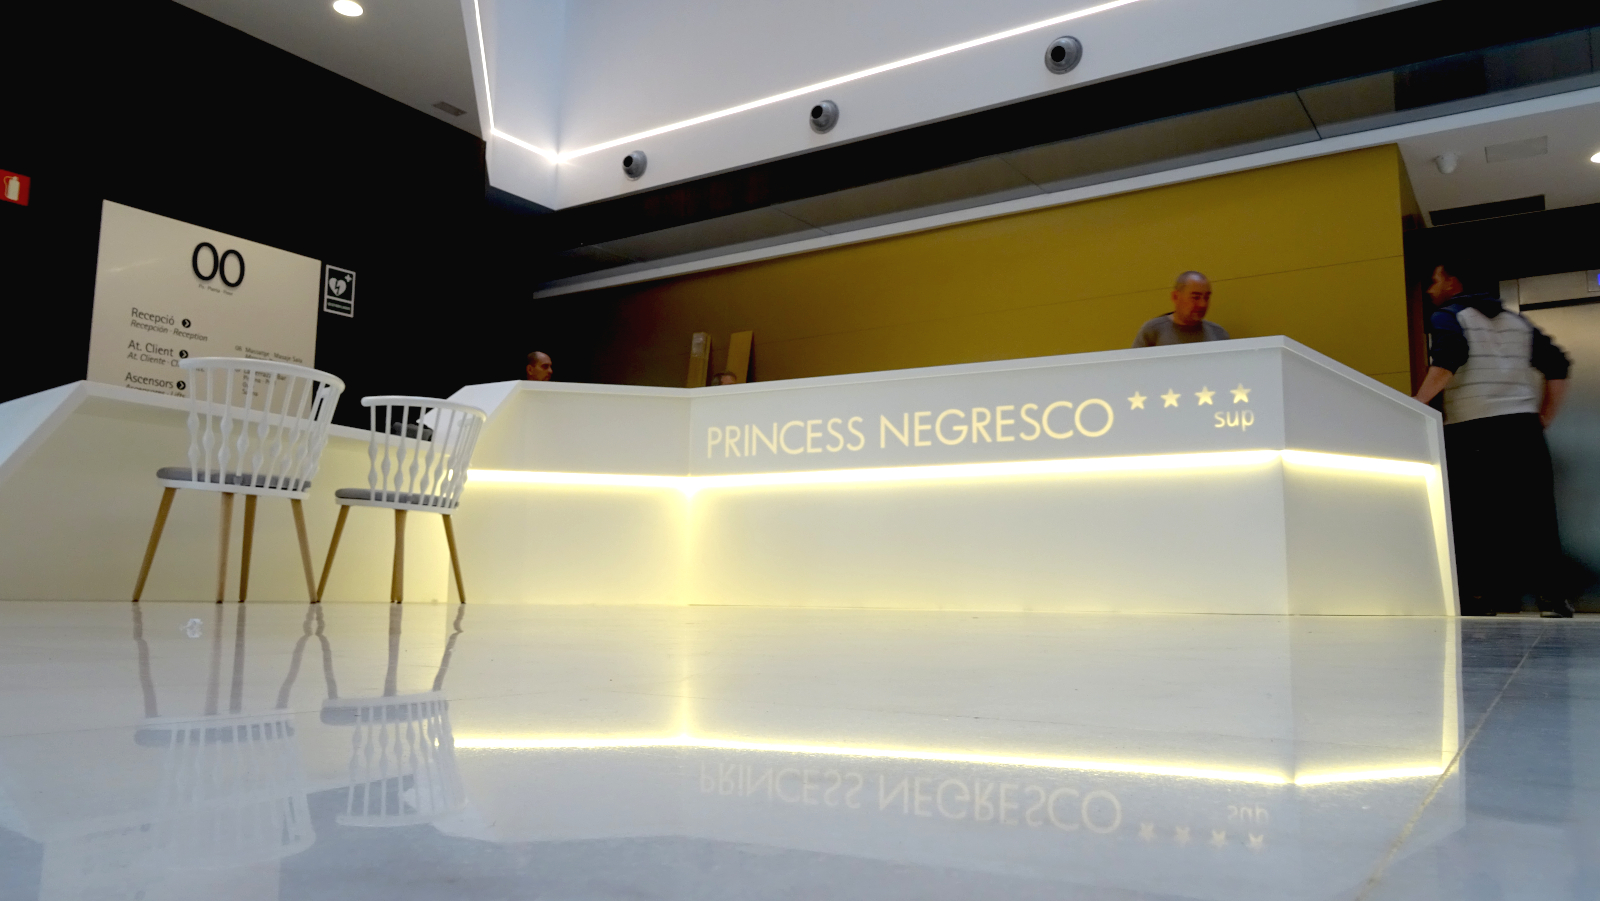 Mostrador- recepció- princess negresco bcn- Betacryl2